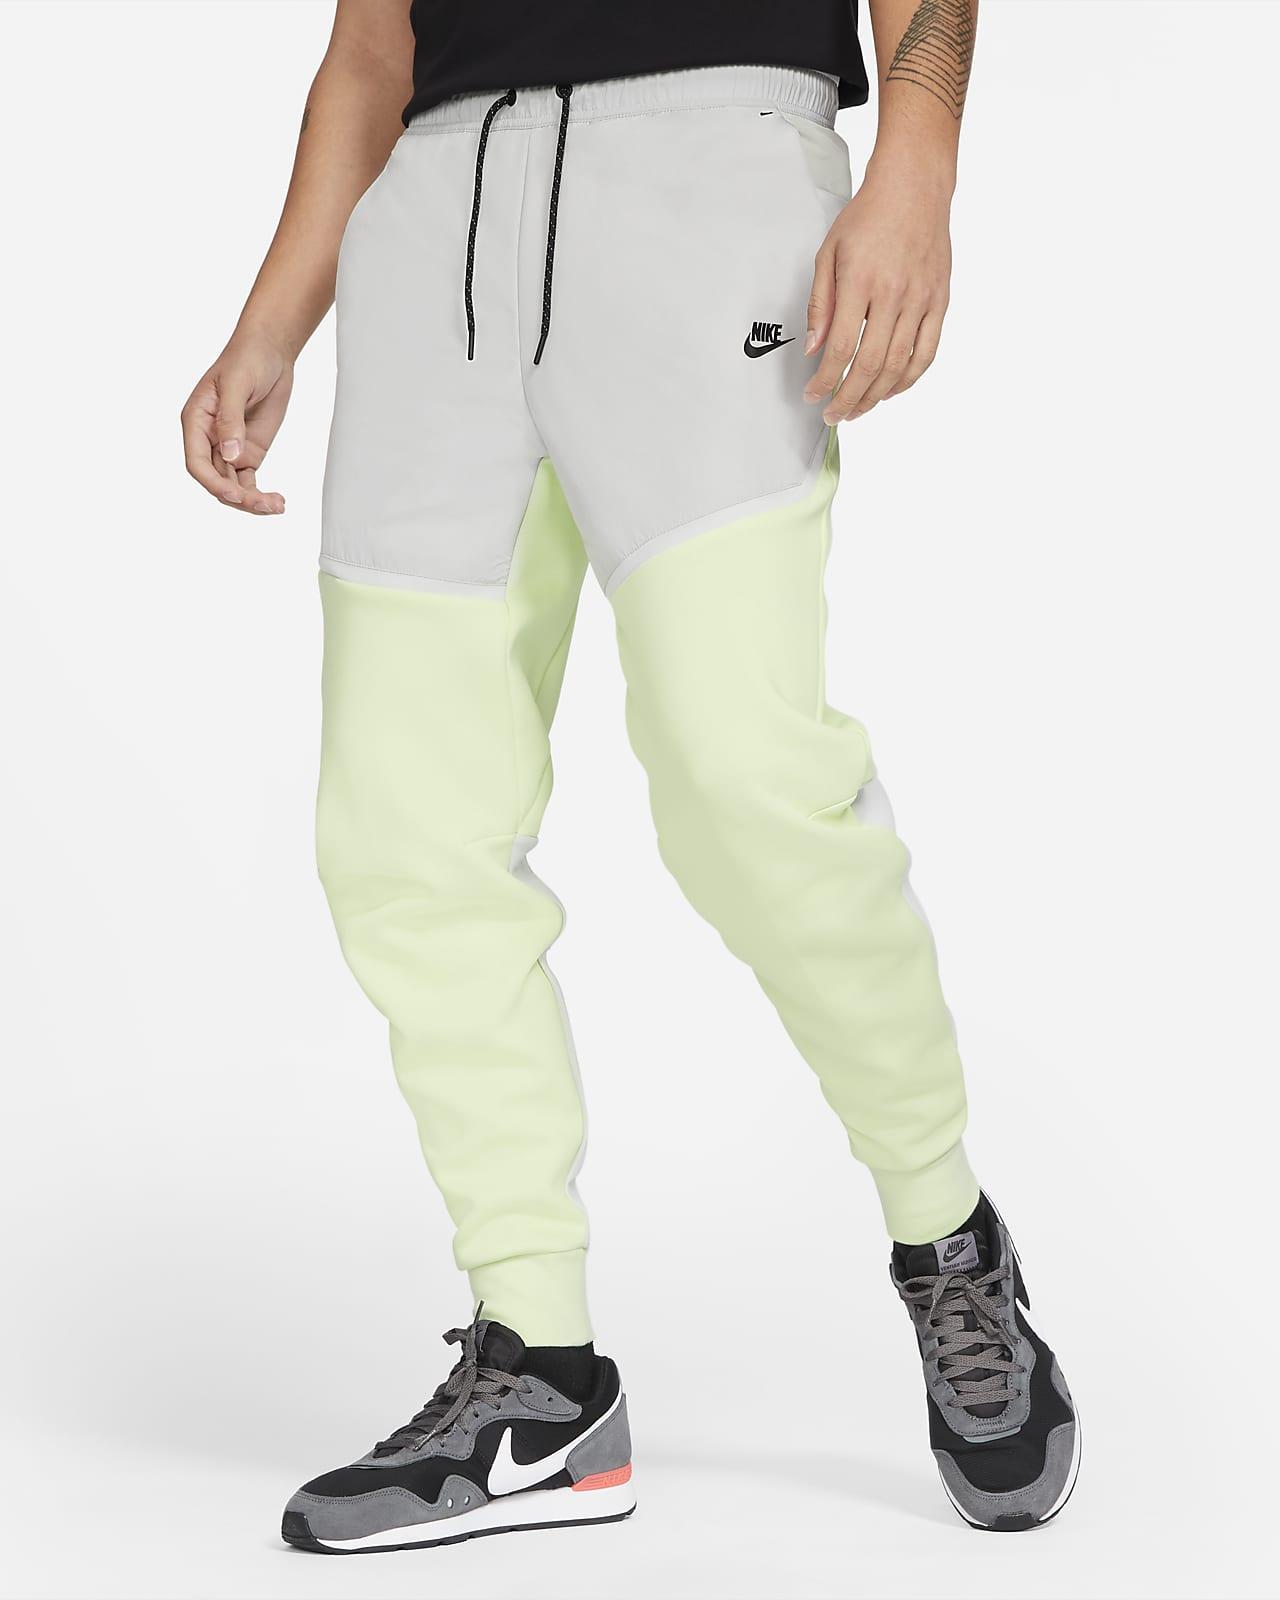 silencio Calificación Novelista  Nike Sportswear Tech Fleece Men's Woven Joggers. Nike LU